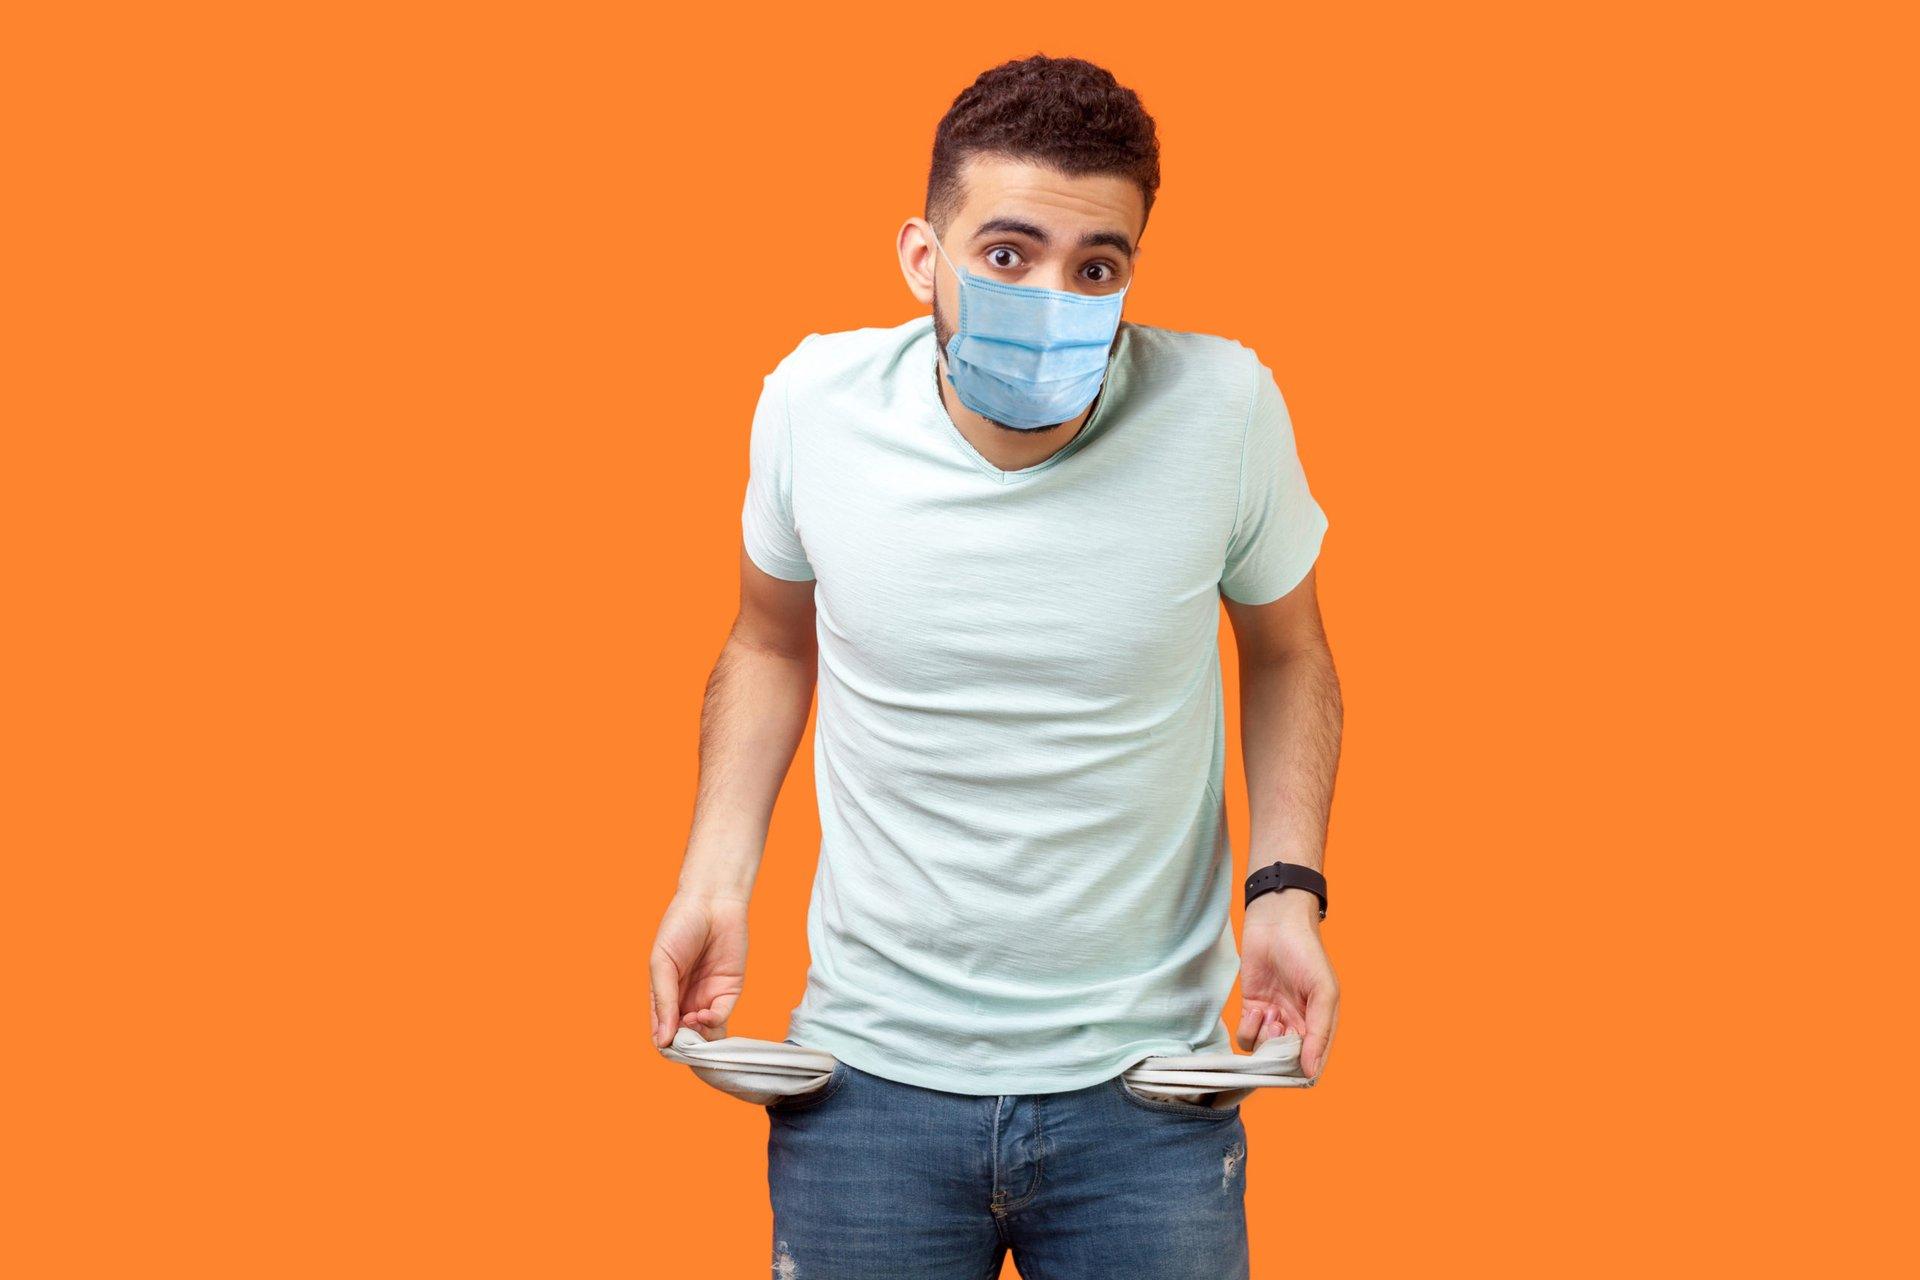 broke man in a medical mask